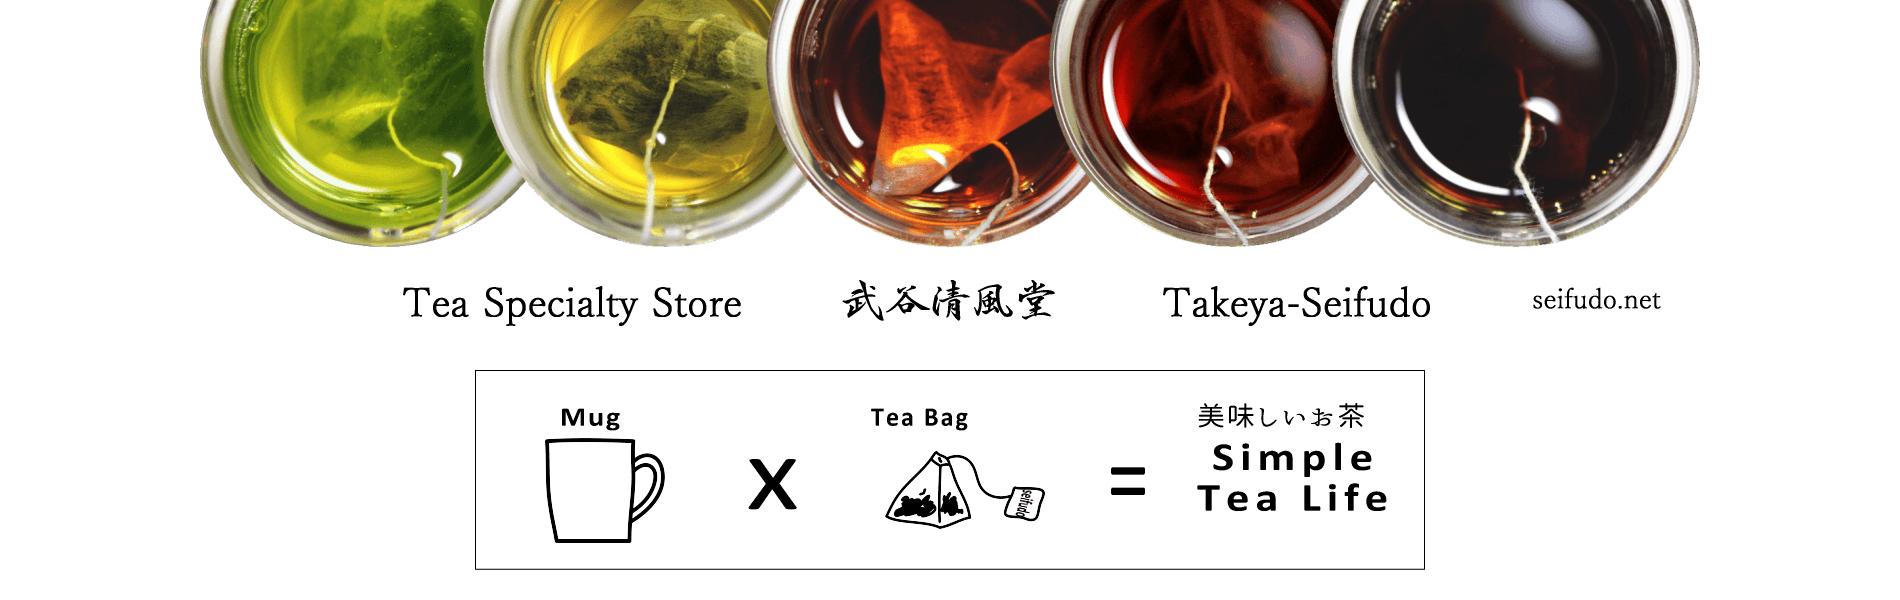 マグカップ+ティーバッグで本格的なお茶